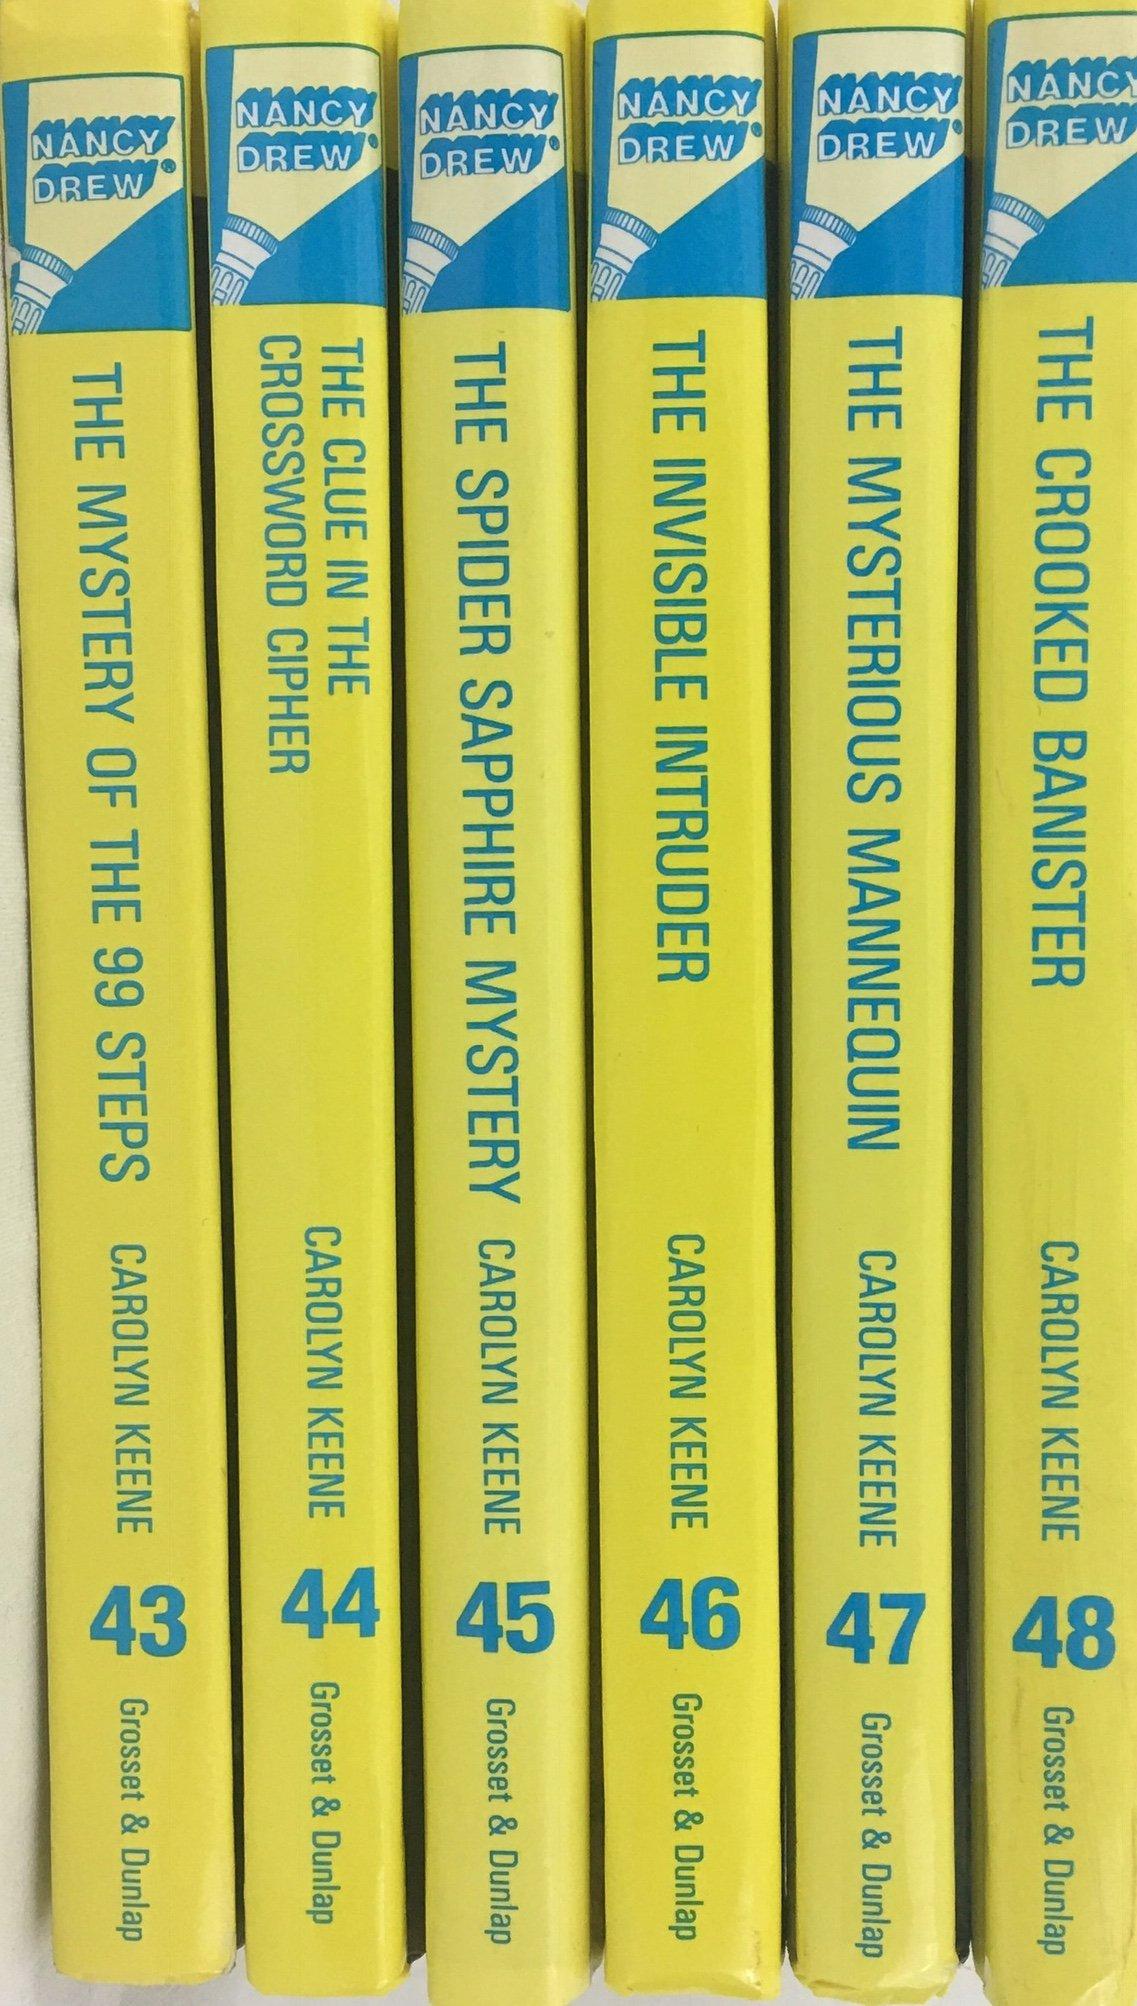 Download Nancy Drew Set - Books 43-48 PDF